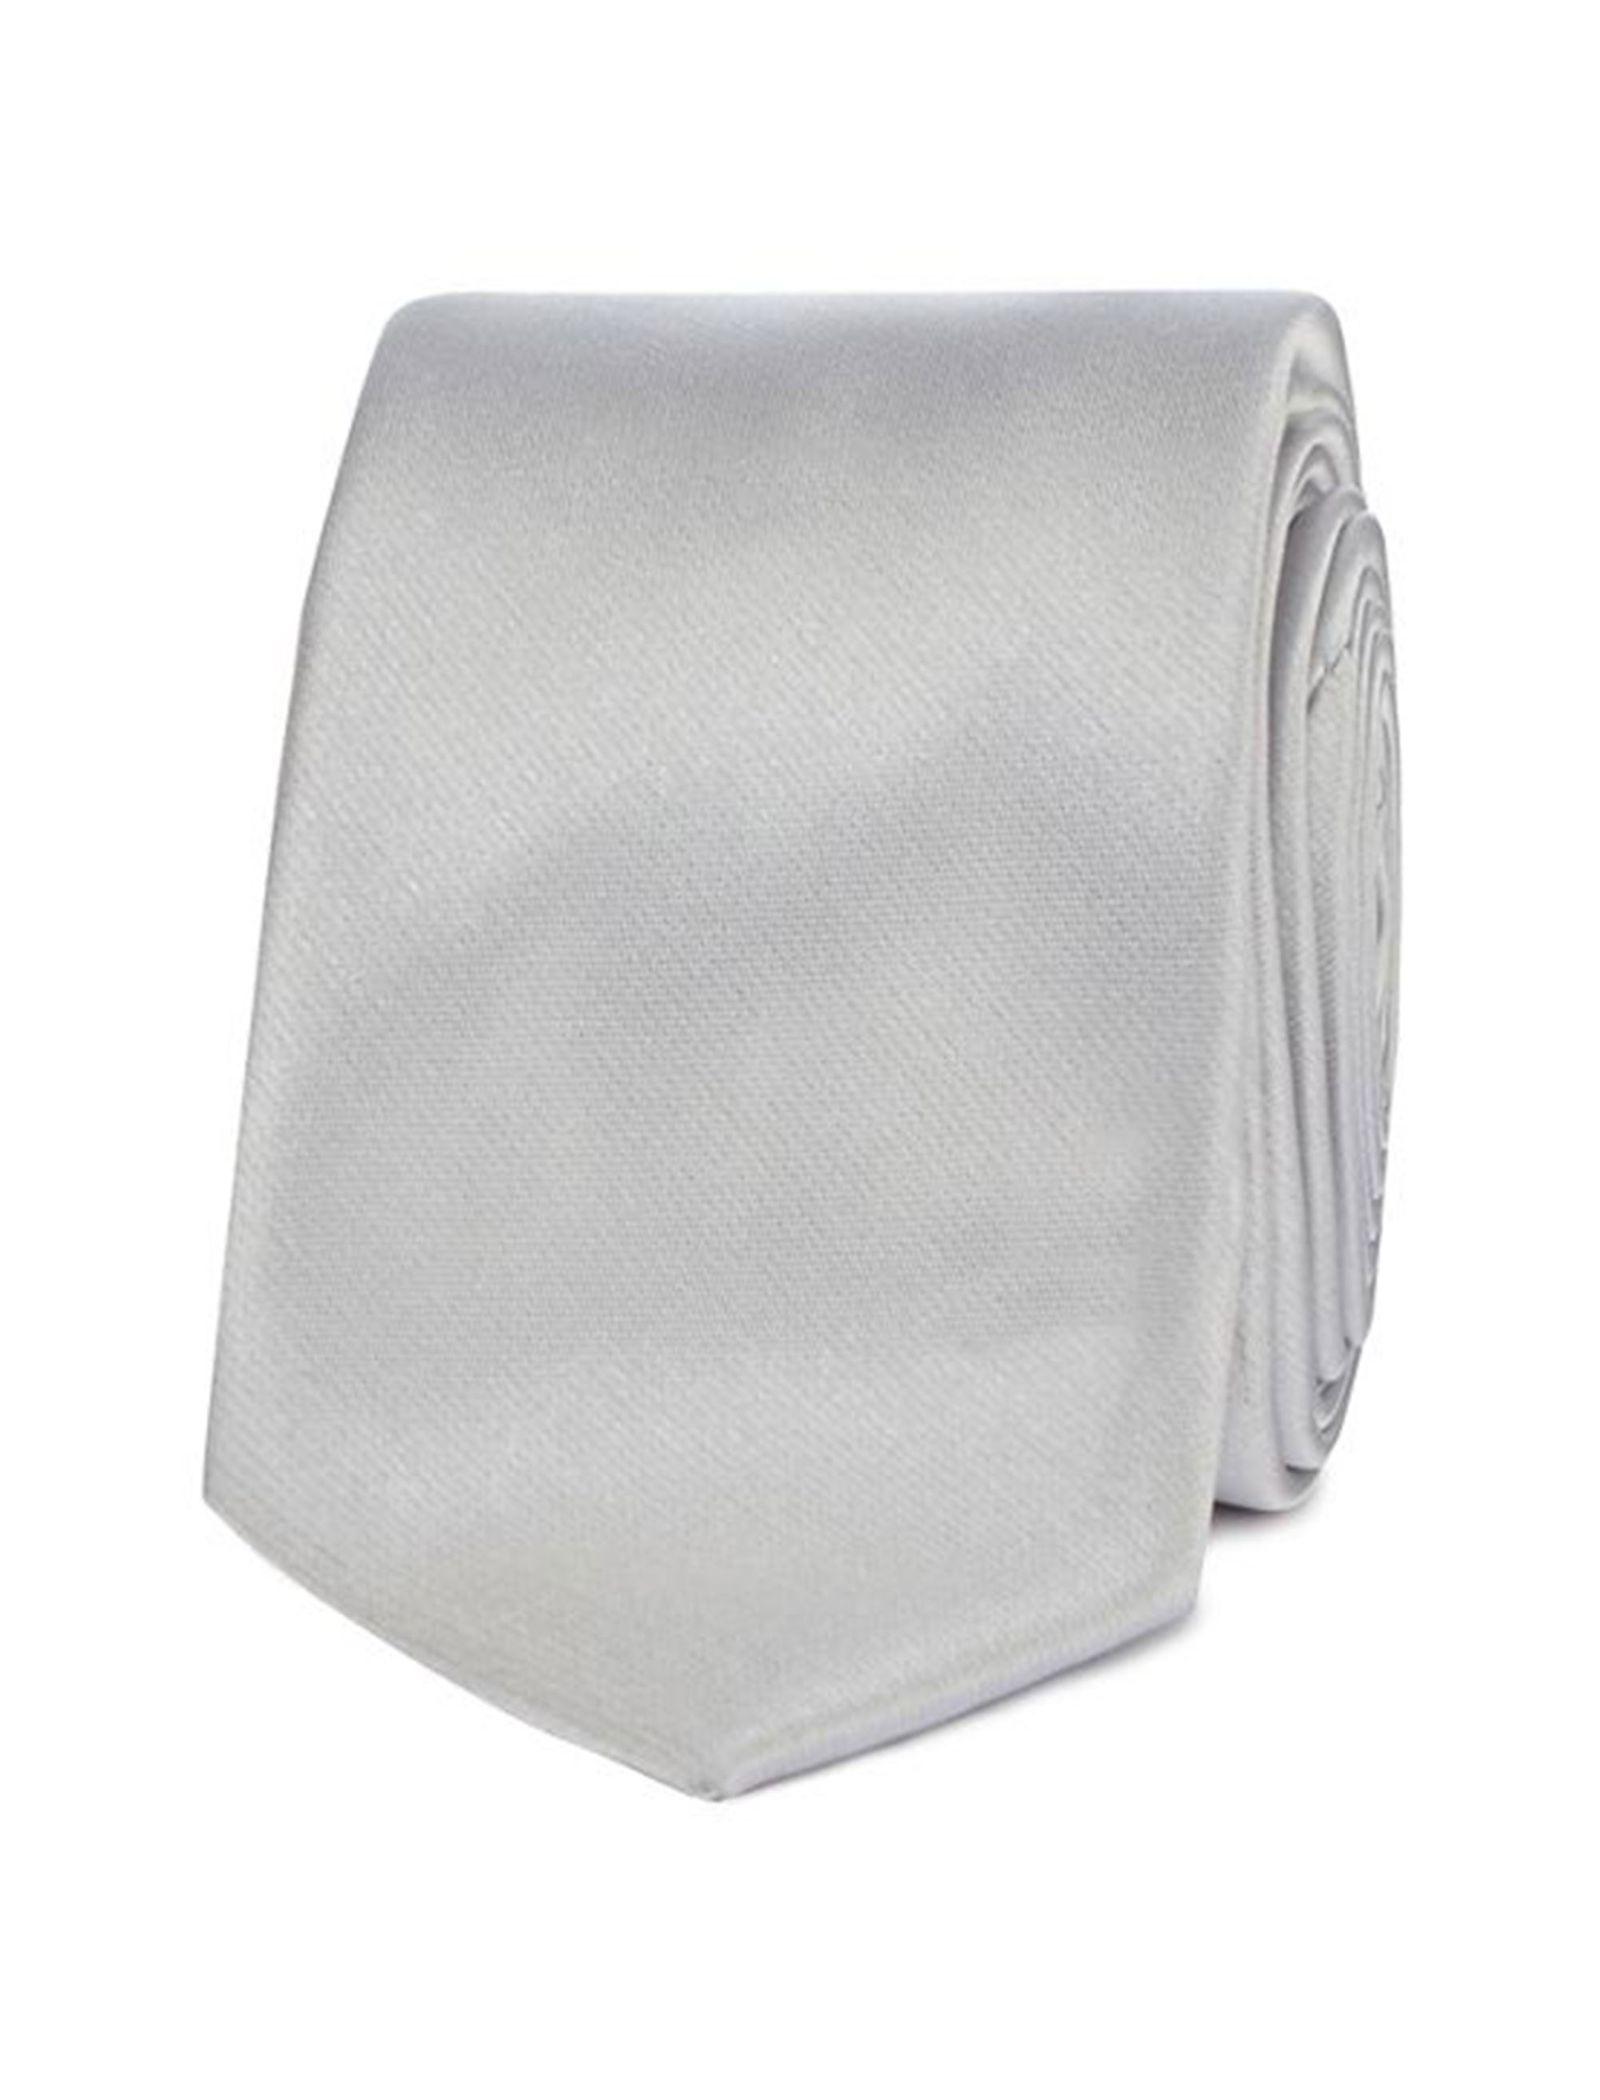 کراوات ساده مردانه - رد هرینگ تک سایز - نقره اي - 3